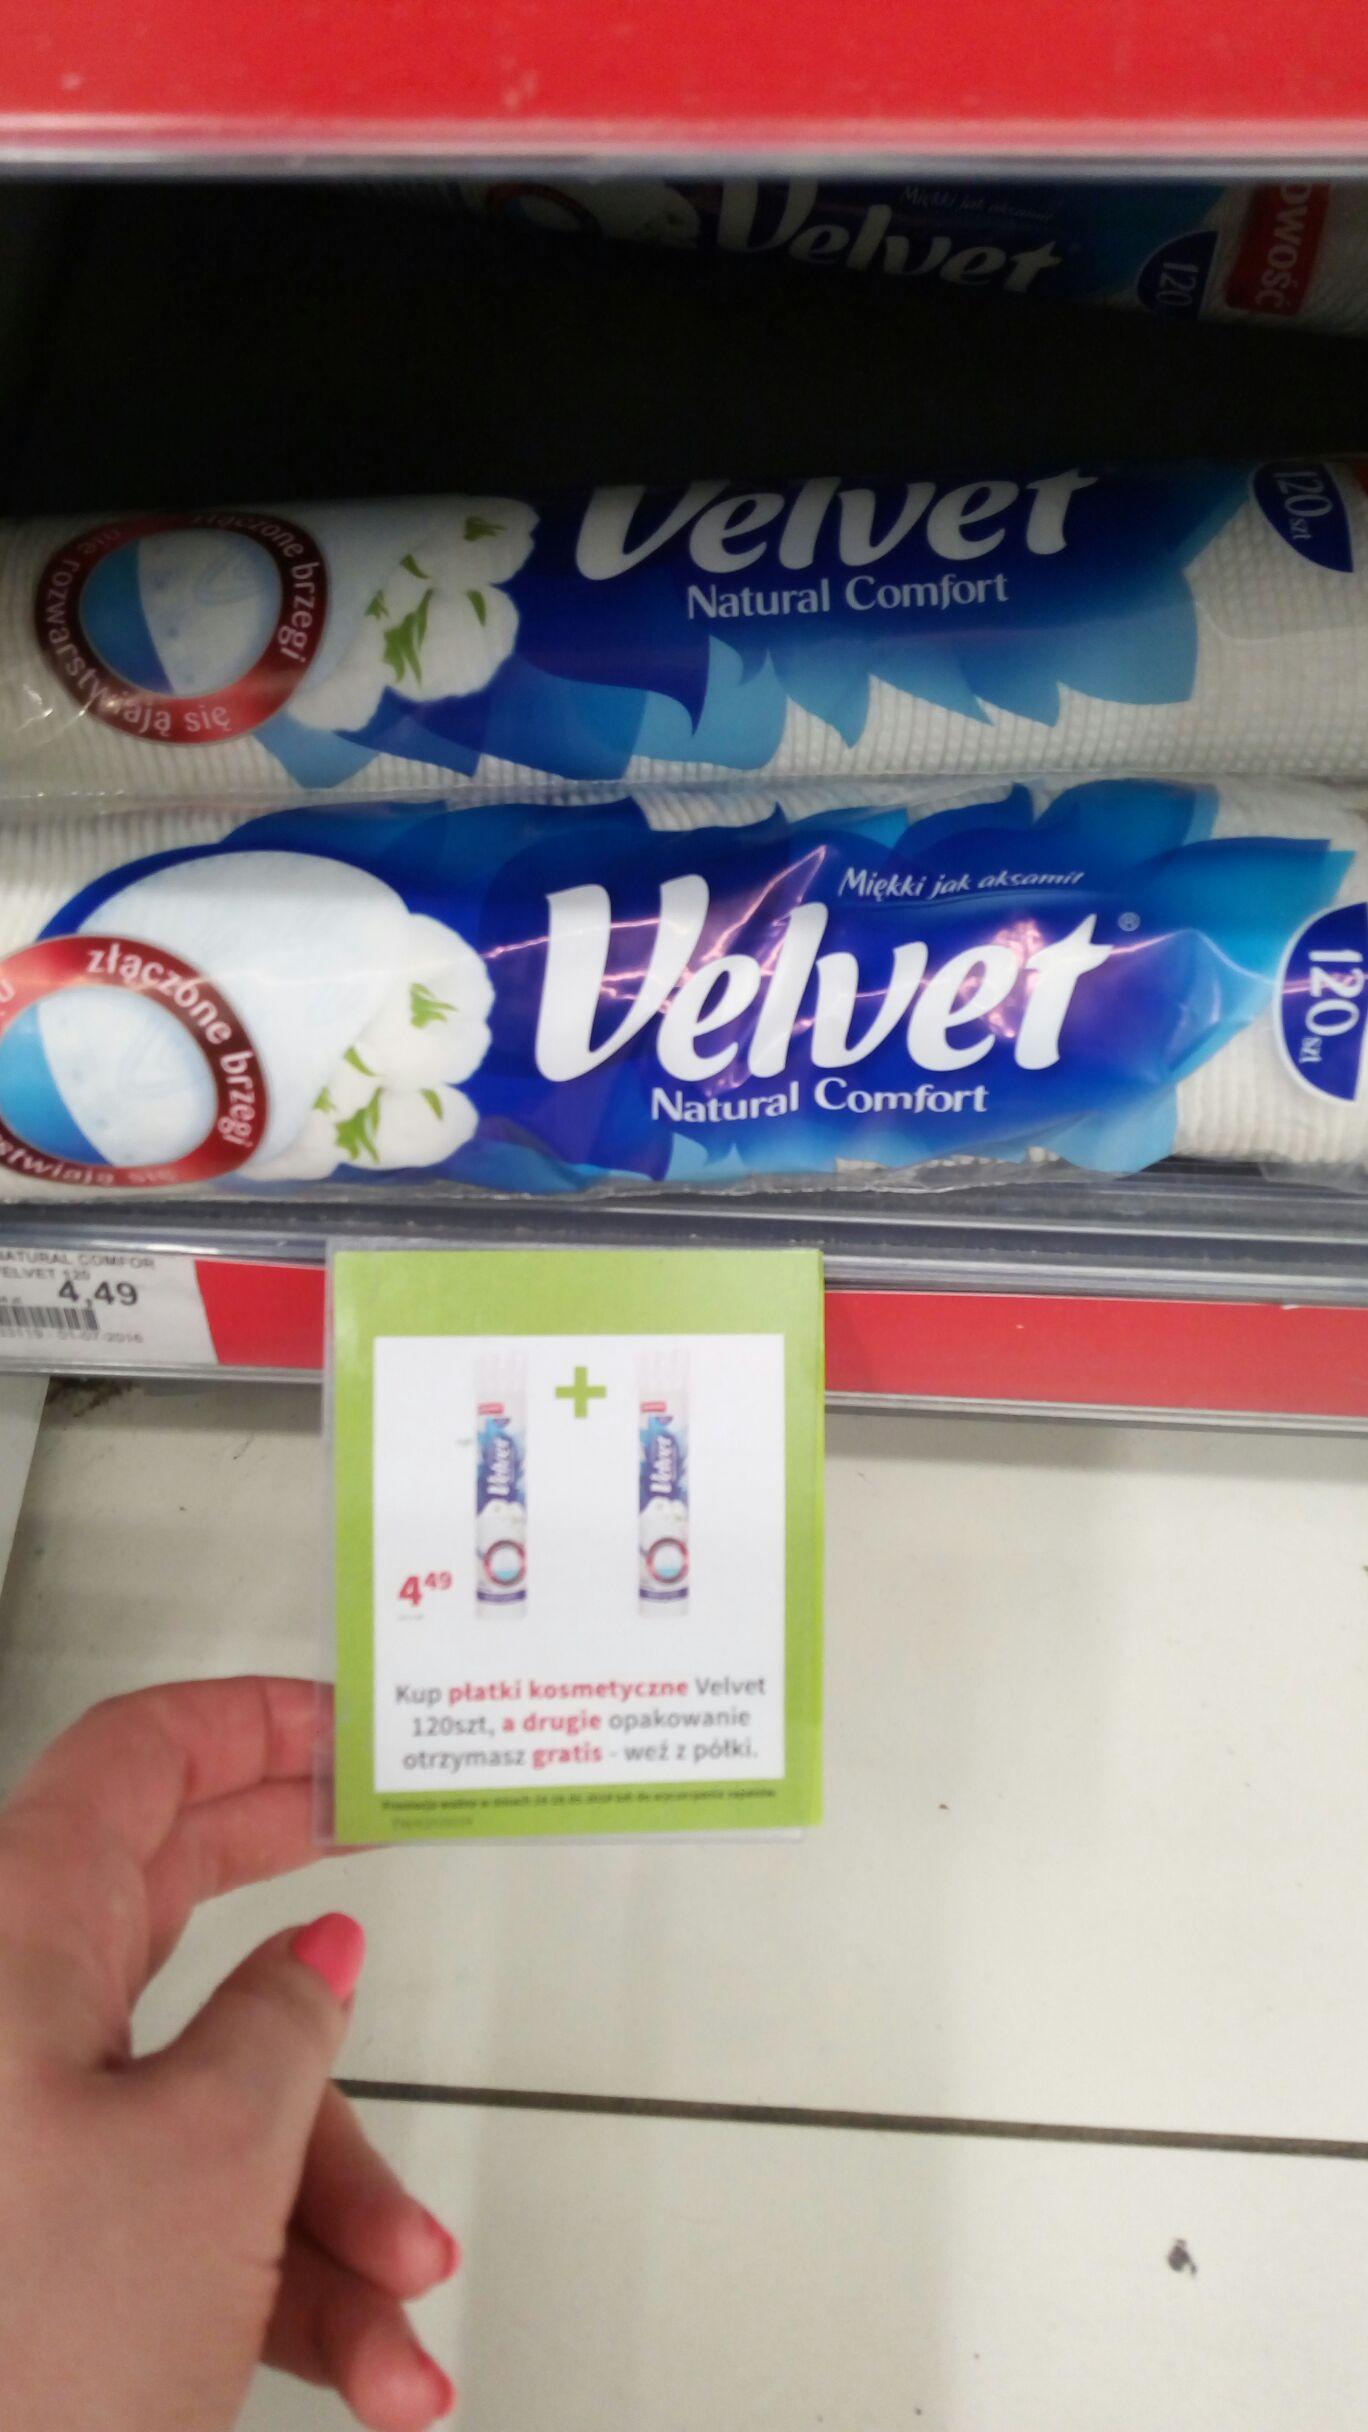 1+1 gratis na płatki kosmetyczne Velvet 120 szt. (cena za 1 op. przy 2)